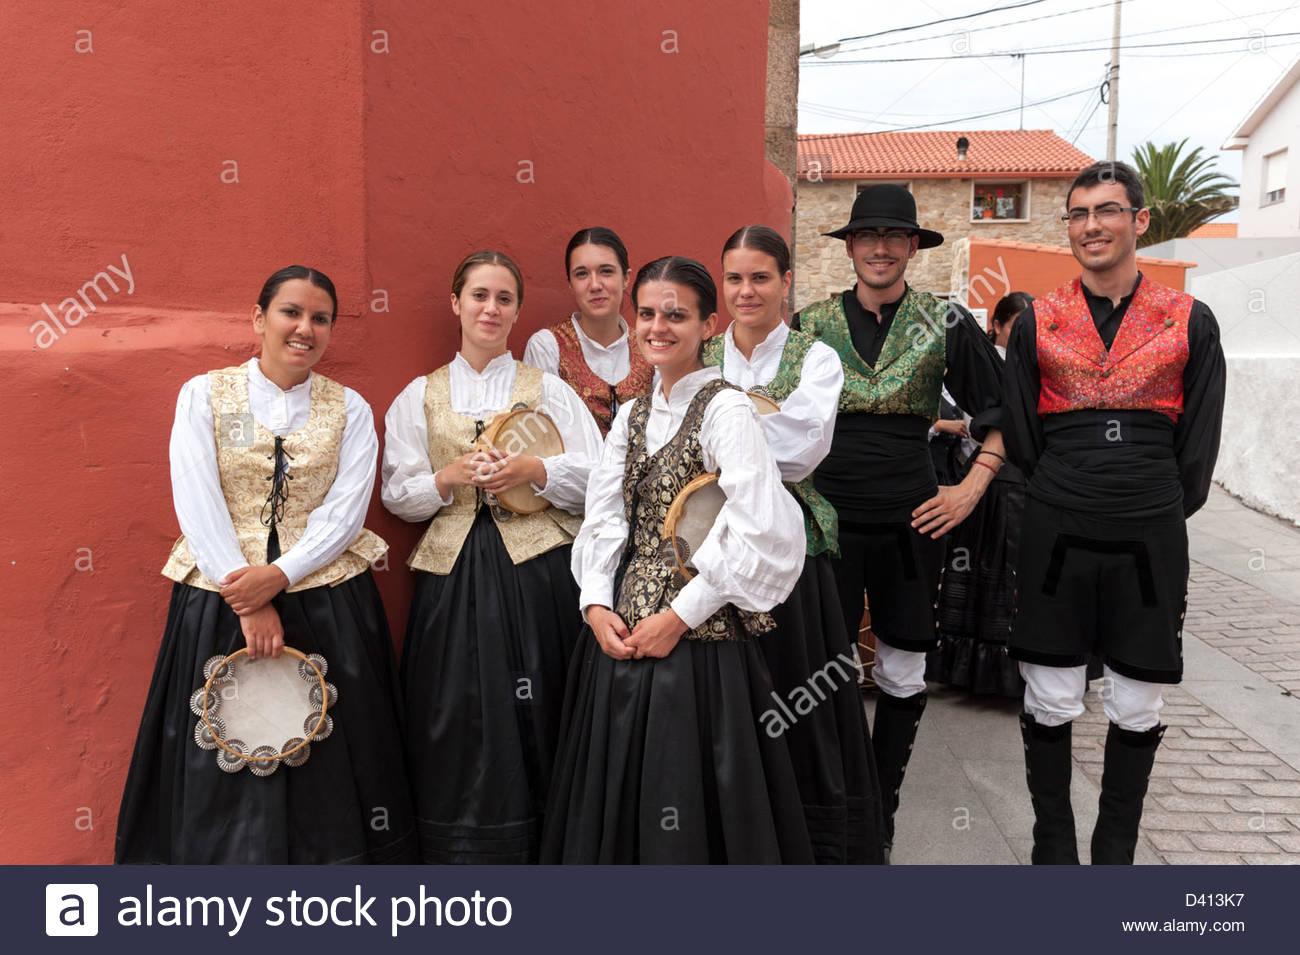 Tradizionale ballerini folk prendendo una pausa durante le feste annuali, Corrubedo, Galizia, Spagna Immagini Stock